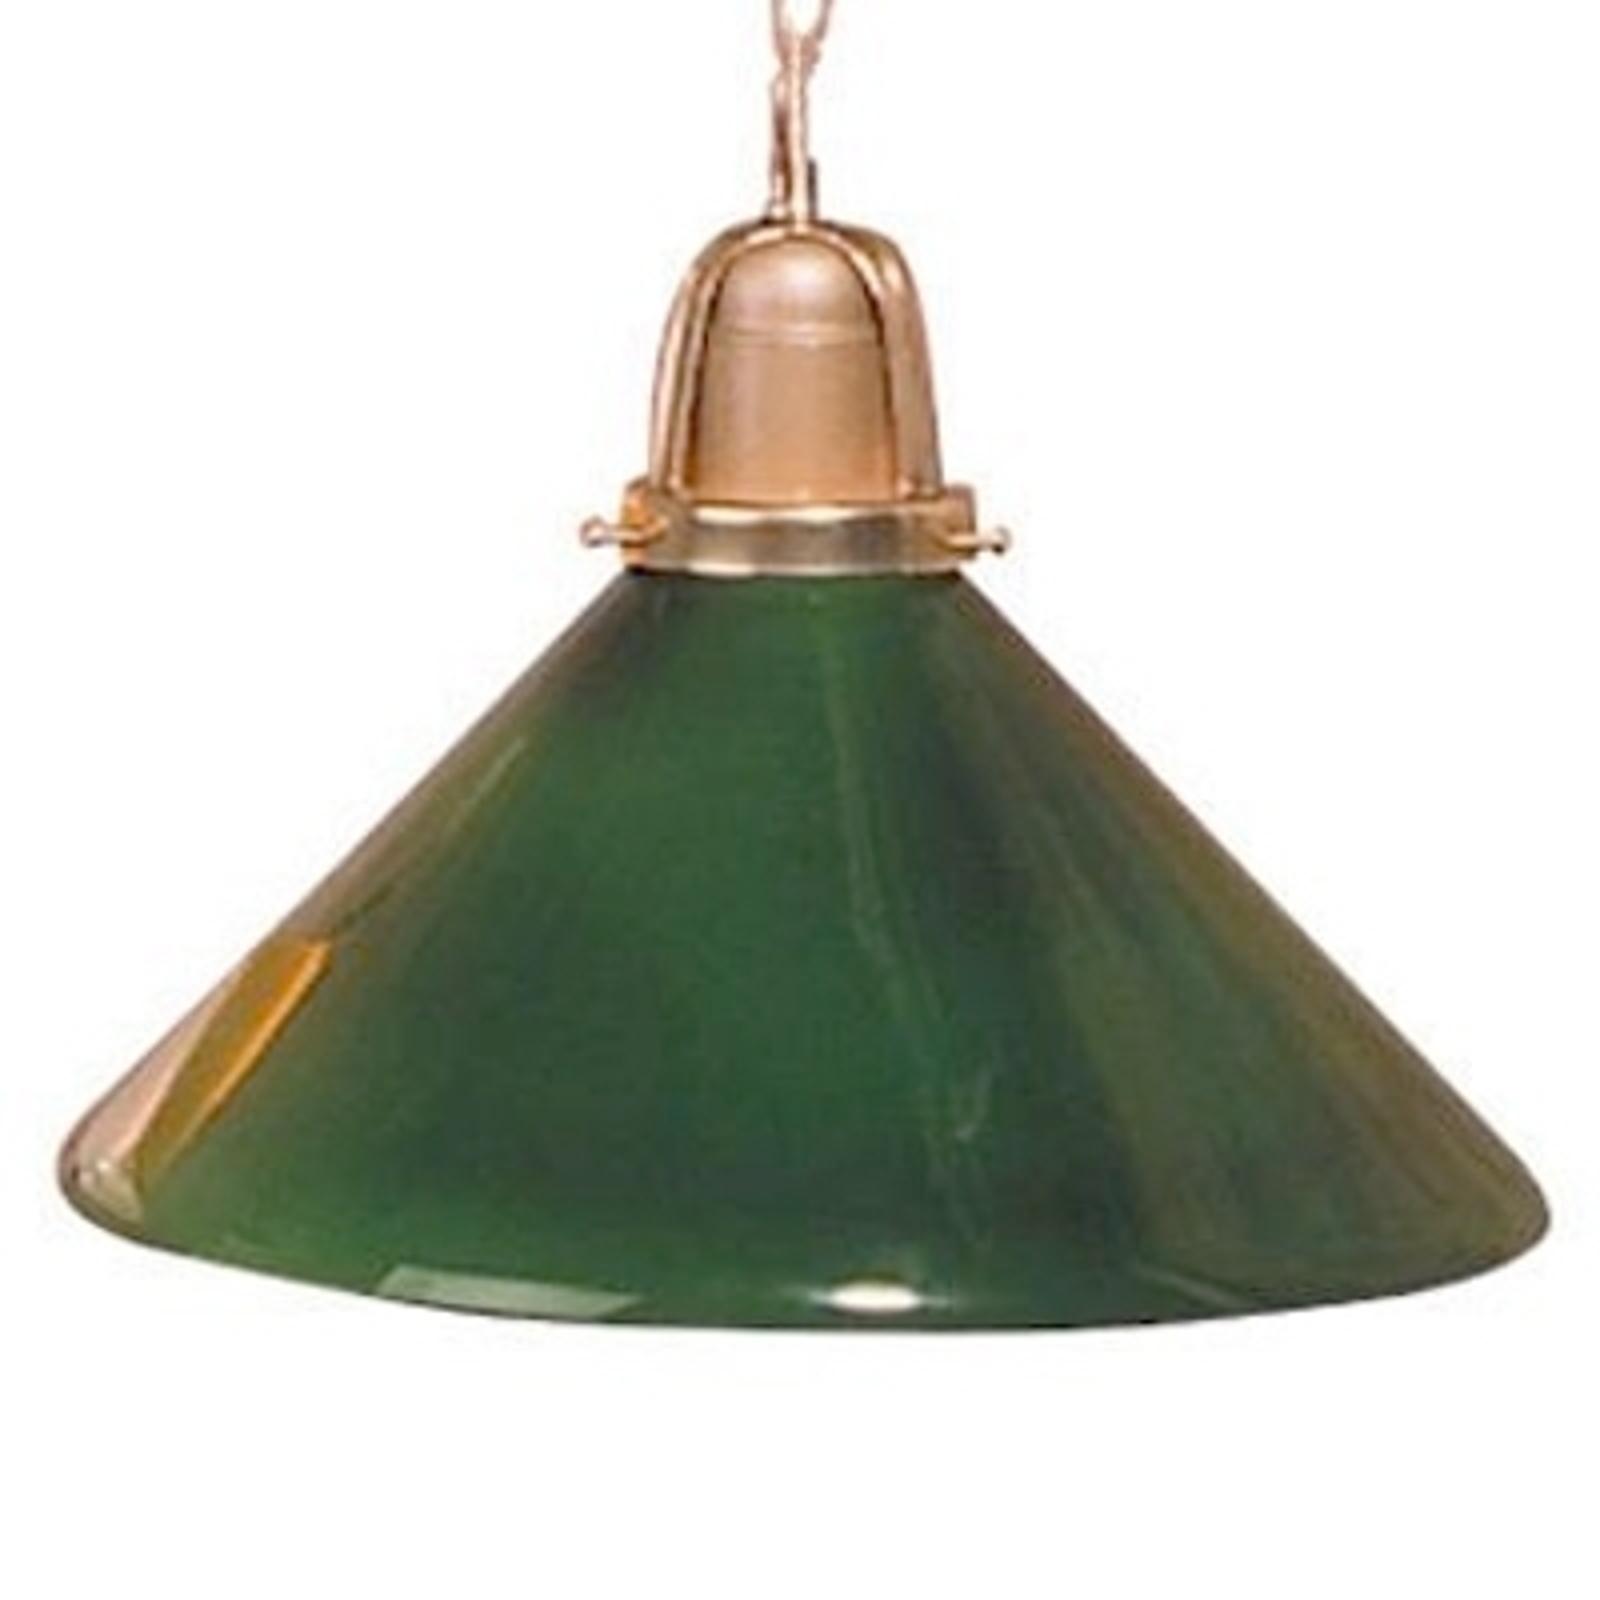 Coloured hanging light SARINA_1032089_1